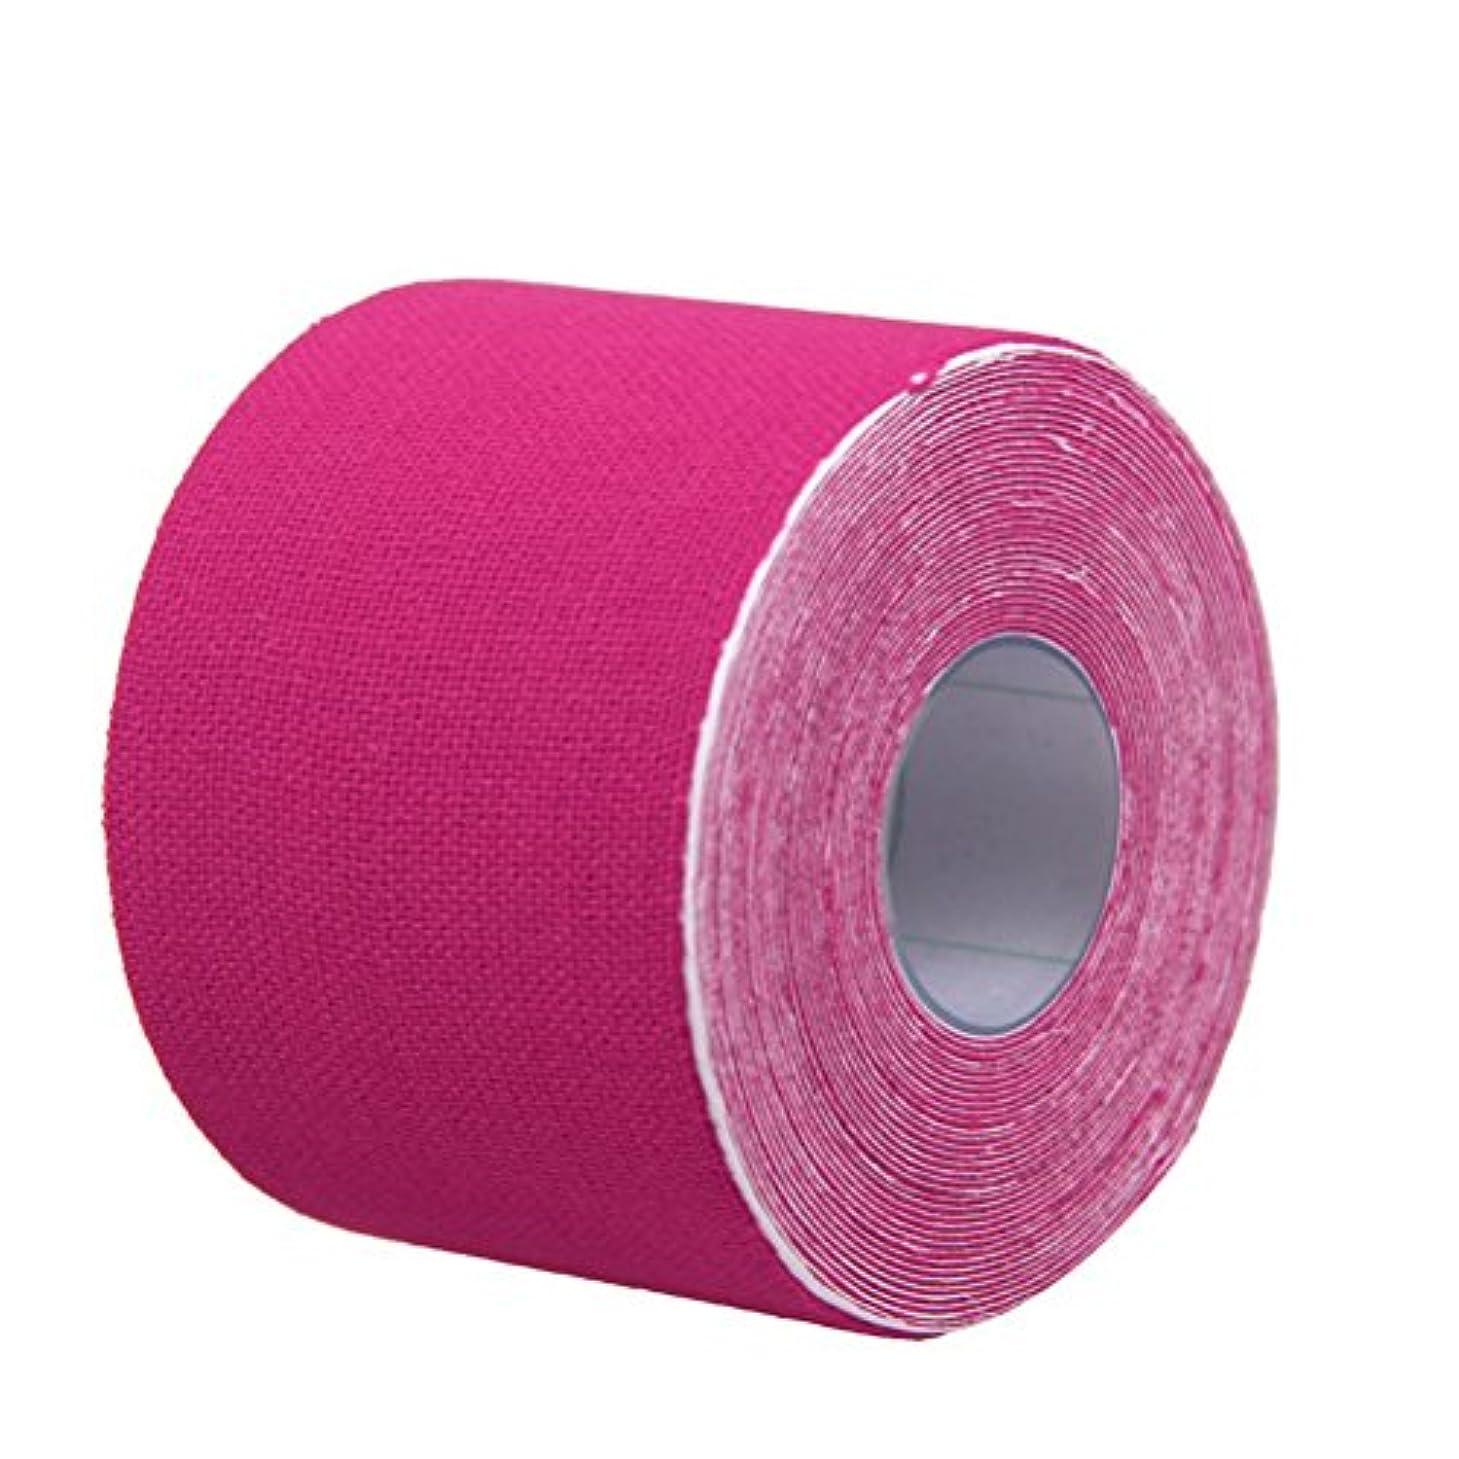 したい重要な対角線ROSENICE キネシオロジーテープセットセラピースポーツフィジオセラピー500x2.5cm(ピンク)